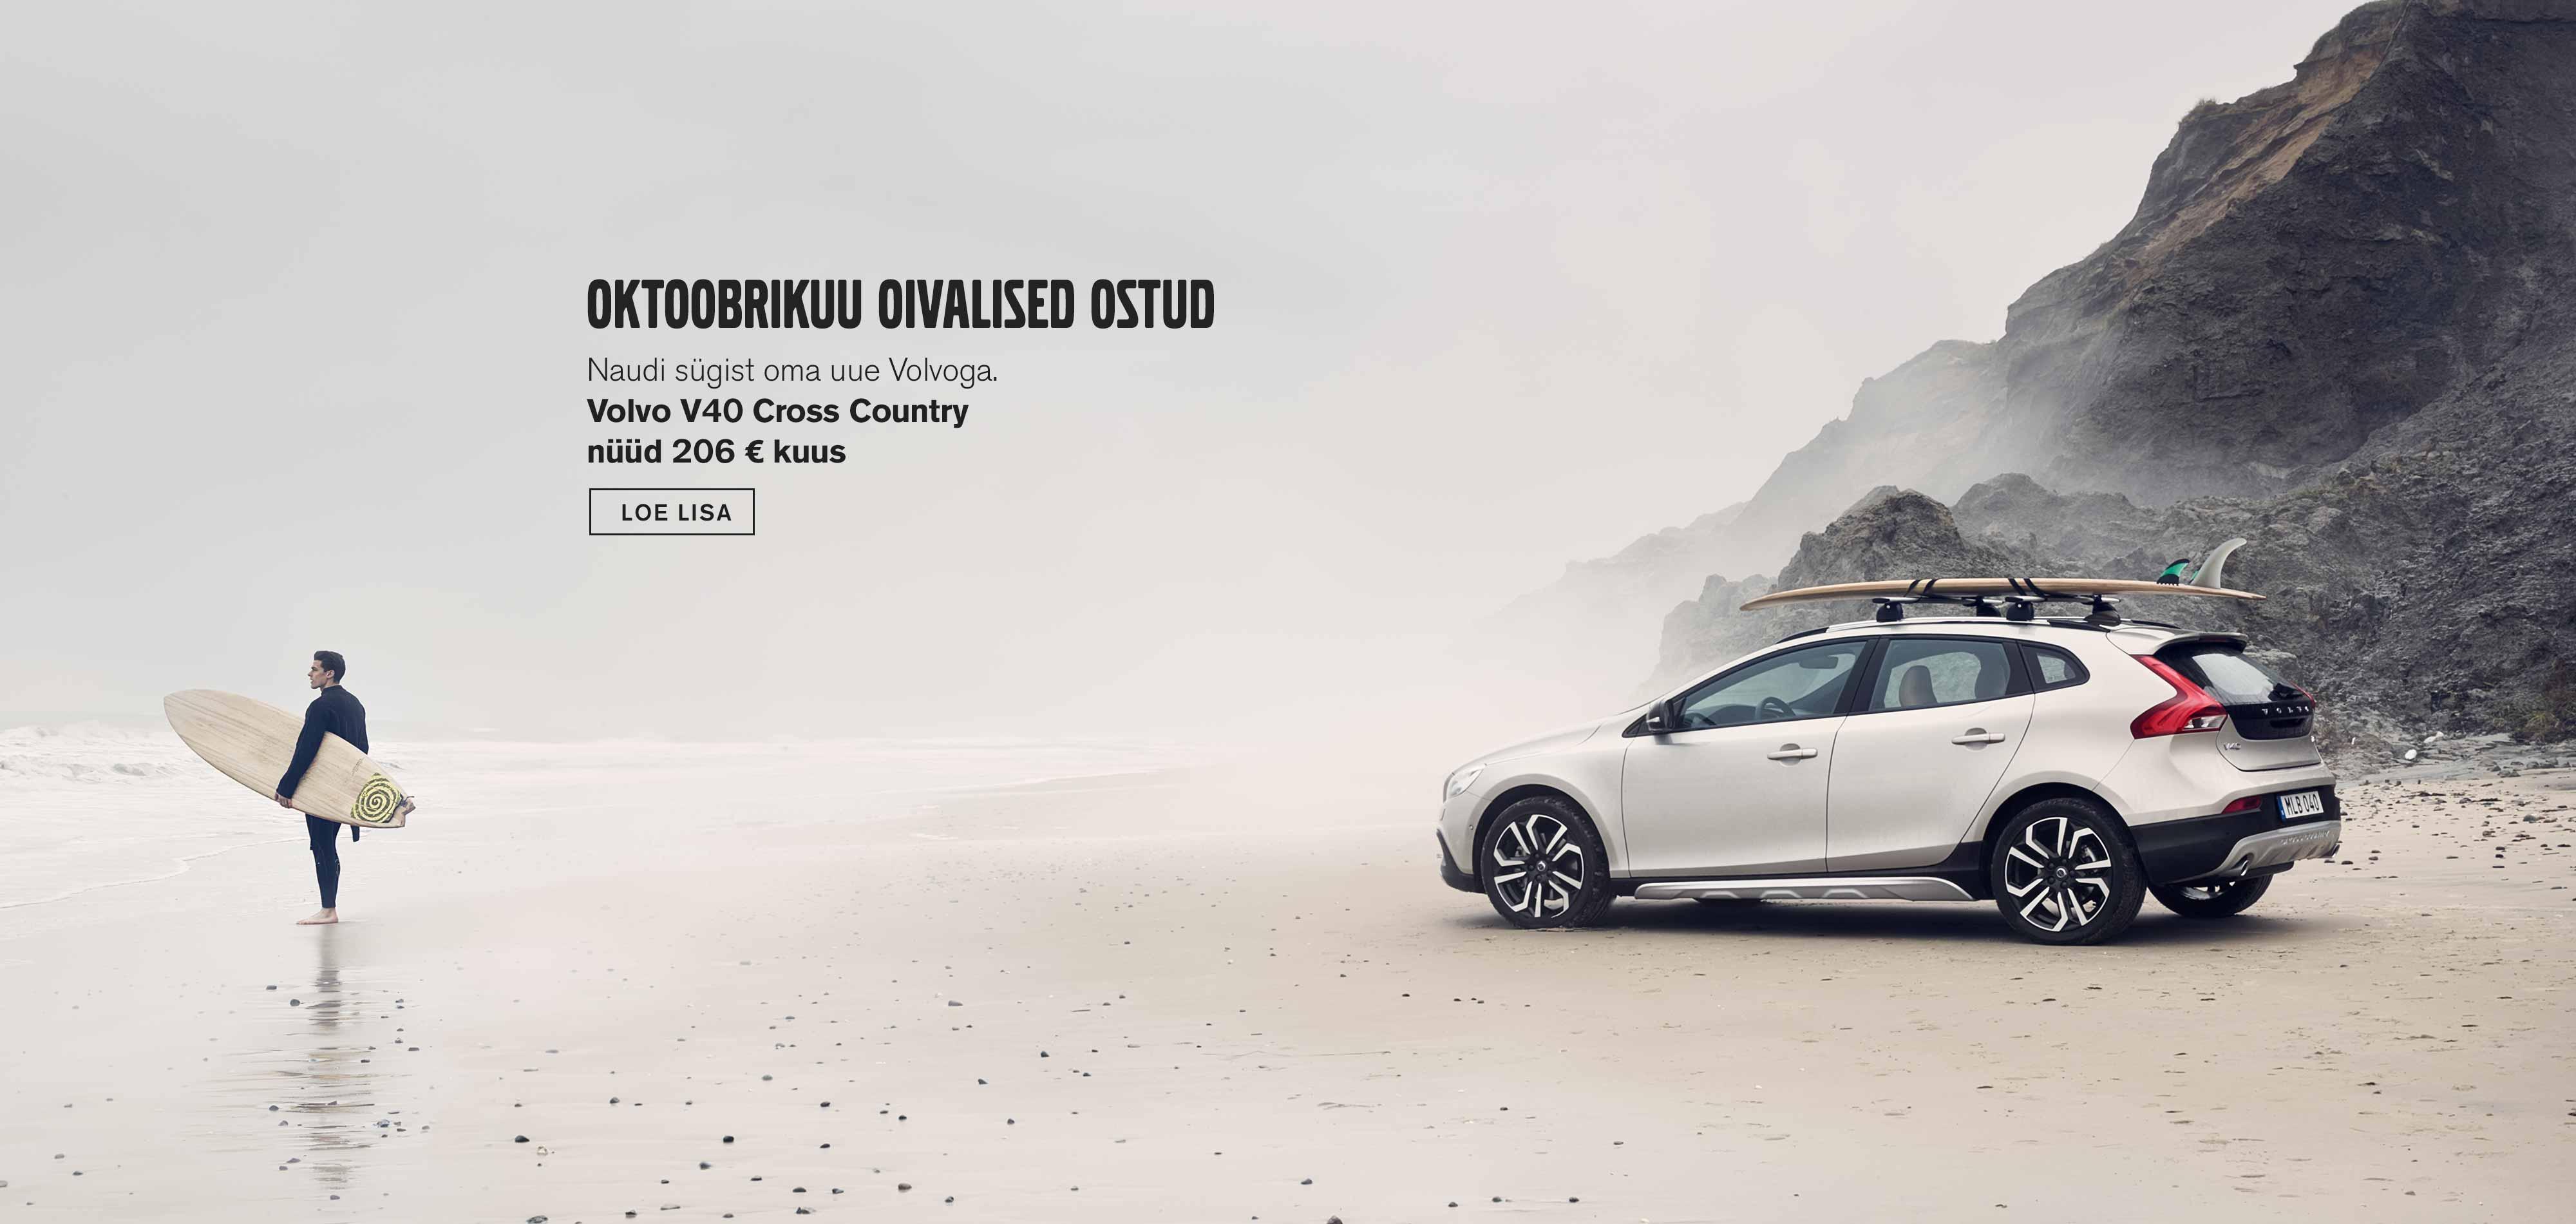 Volvo V40 Cross Country oktoobrikuu sooduspakkumised